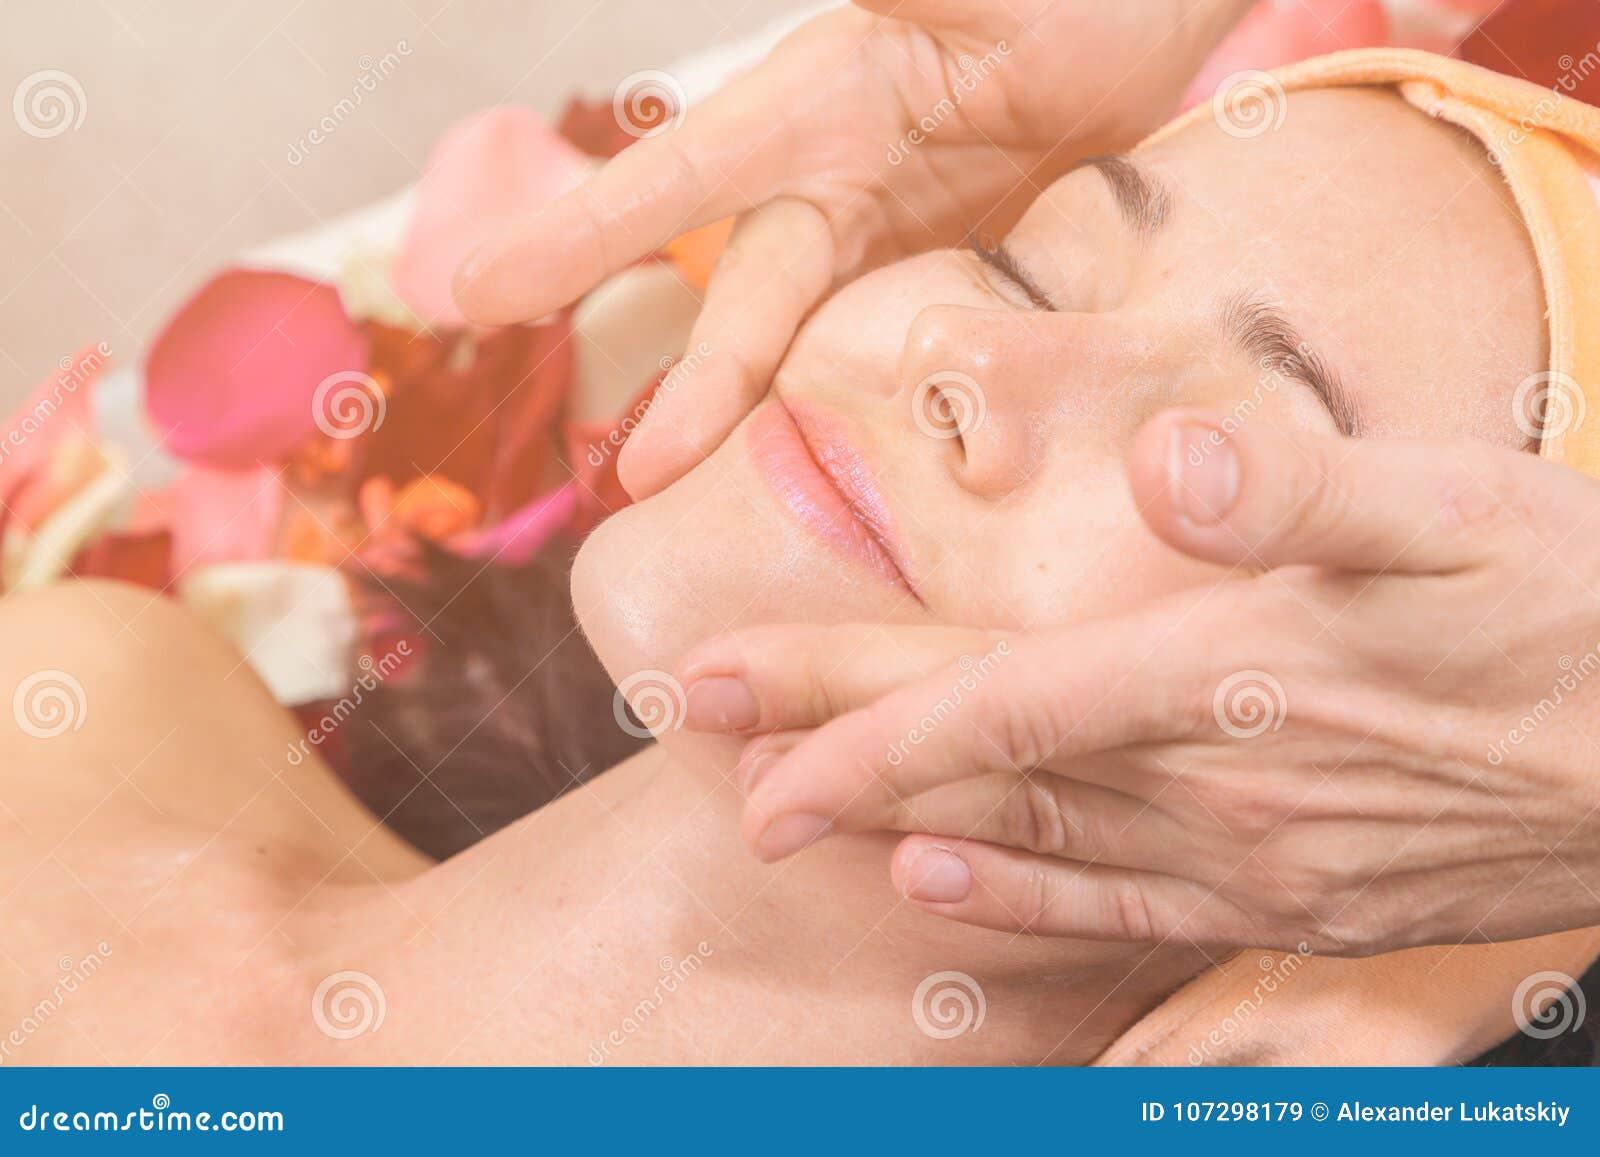 Концепция людей, красоты, курорта, косметологии и skincare